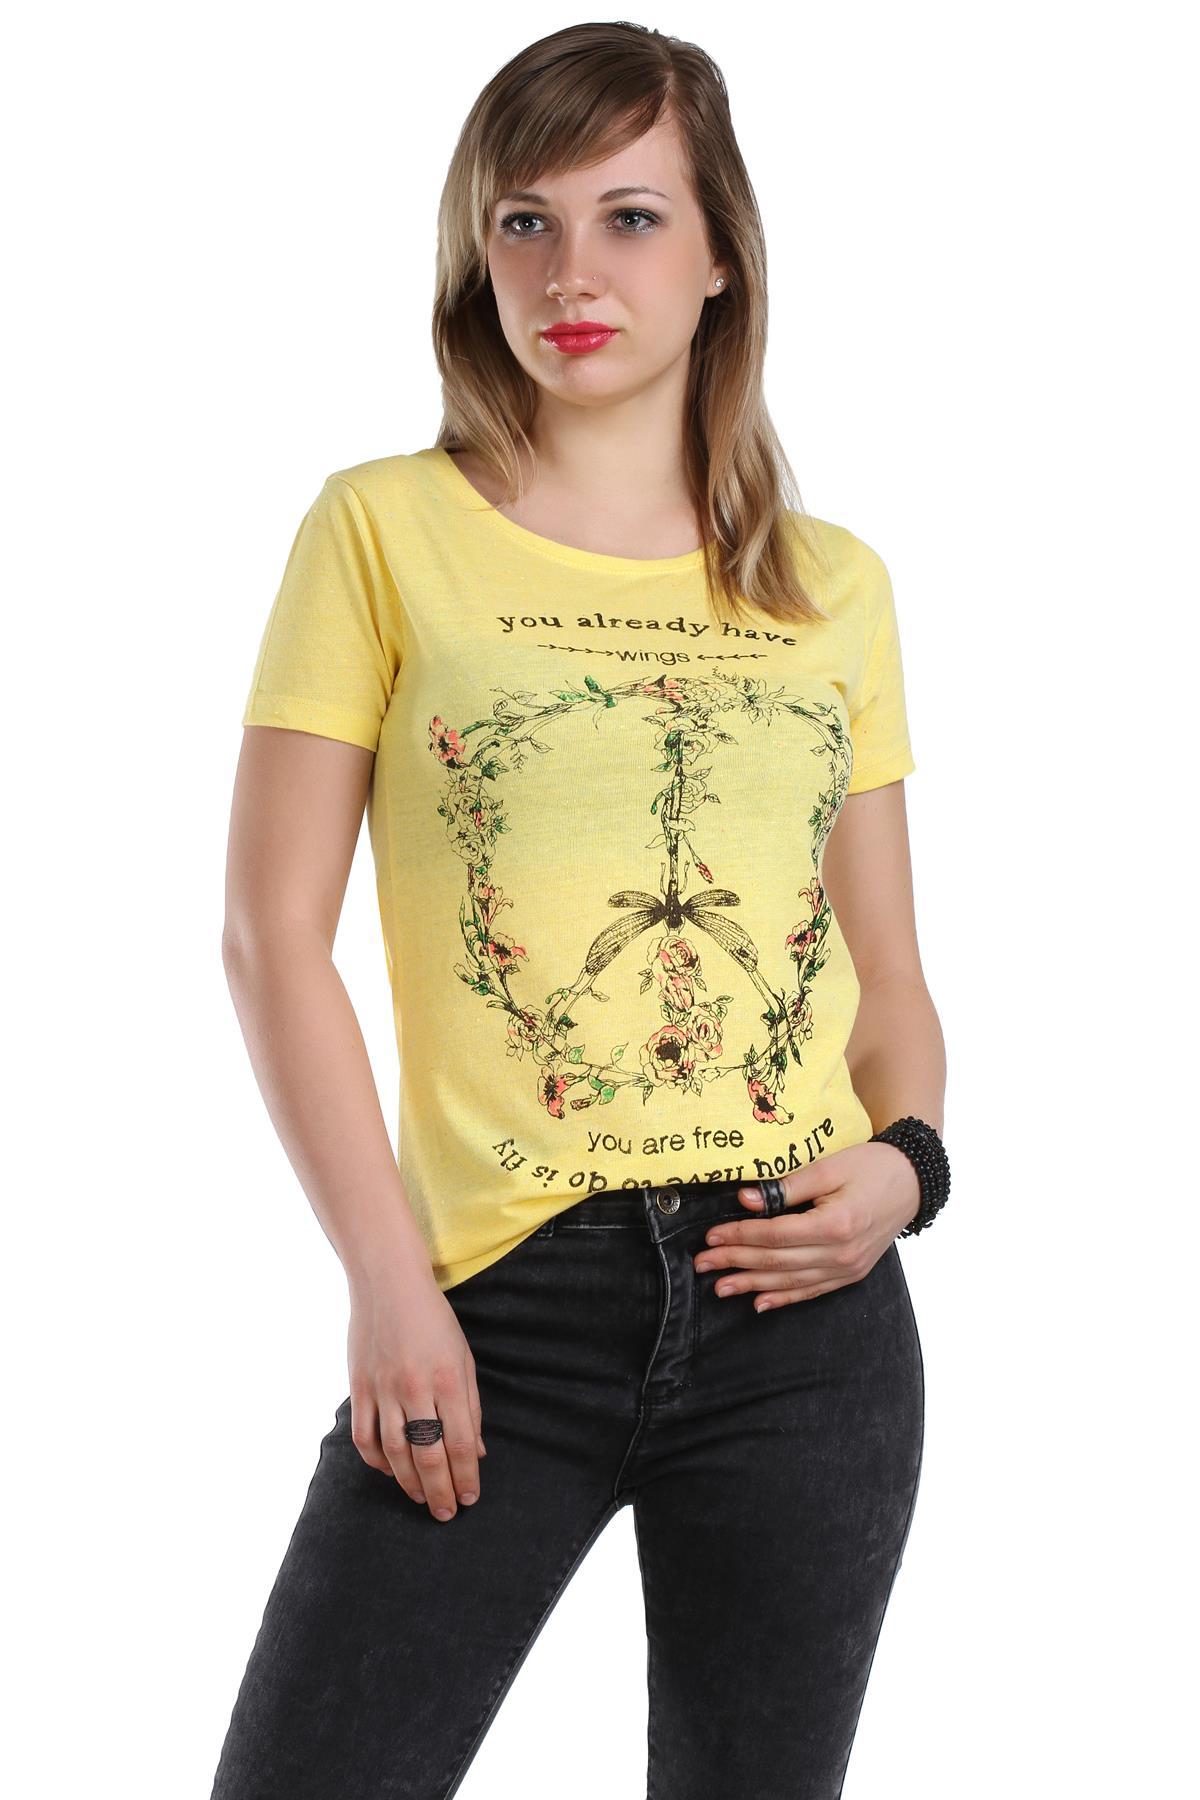 Çiçek Desenli Tişört Modelleri 2016